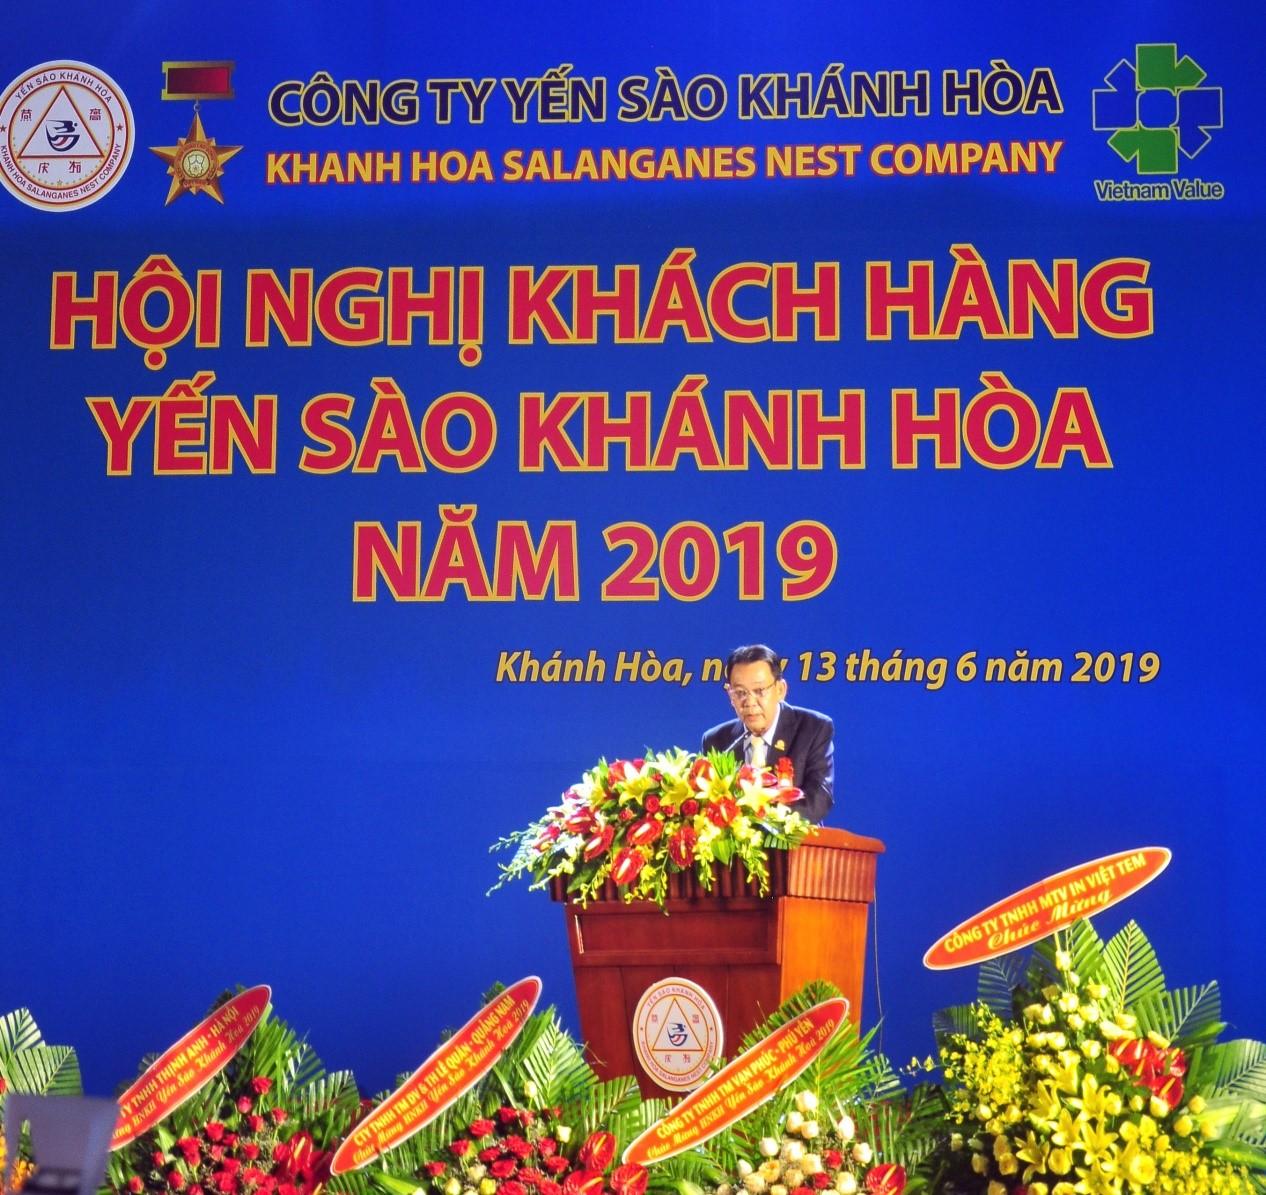 Ông Nguyễn Anh Hùng, Tổng Giám đốc Công Ty Yến Sào Khánh Hòa, phát biểu tổng kết tại Hội nghị